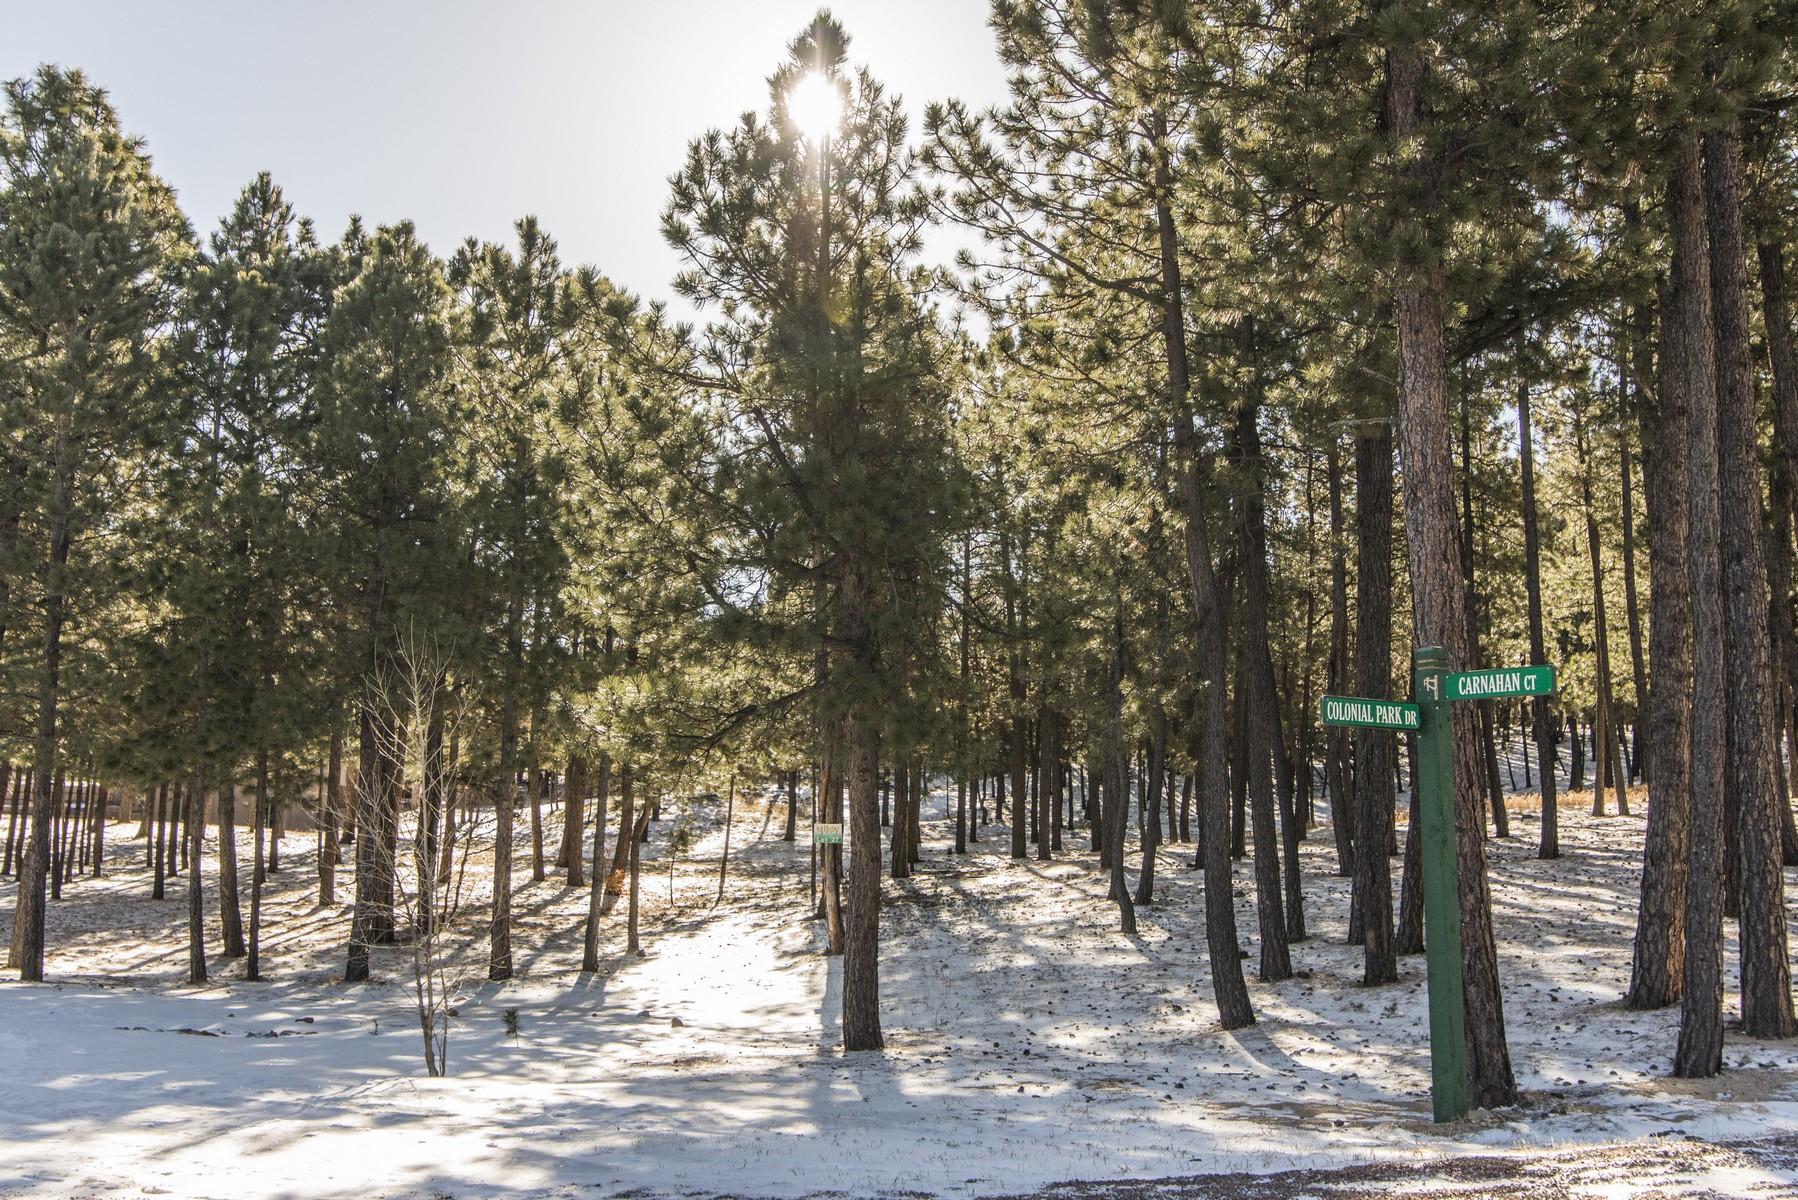 17523 Colonial Park Dr, Monument, CO 80132